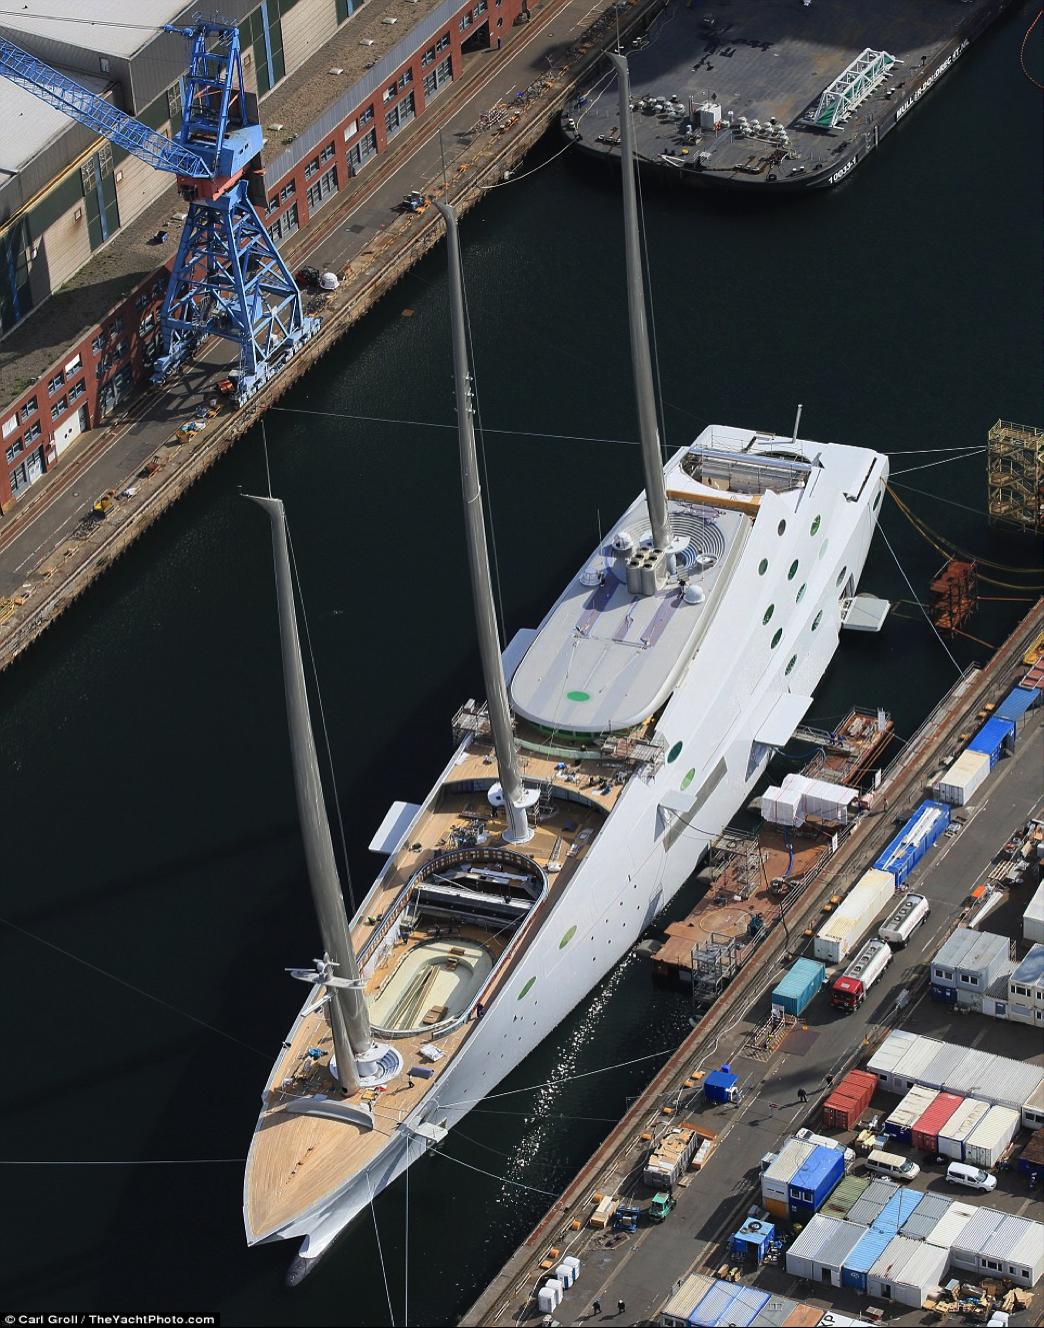 Siêu du thuyền trị giá hơn 10.000 tỉ đồng của tỉ phú người Nga với bể bơi và sân bay trực thăng